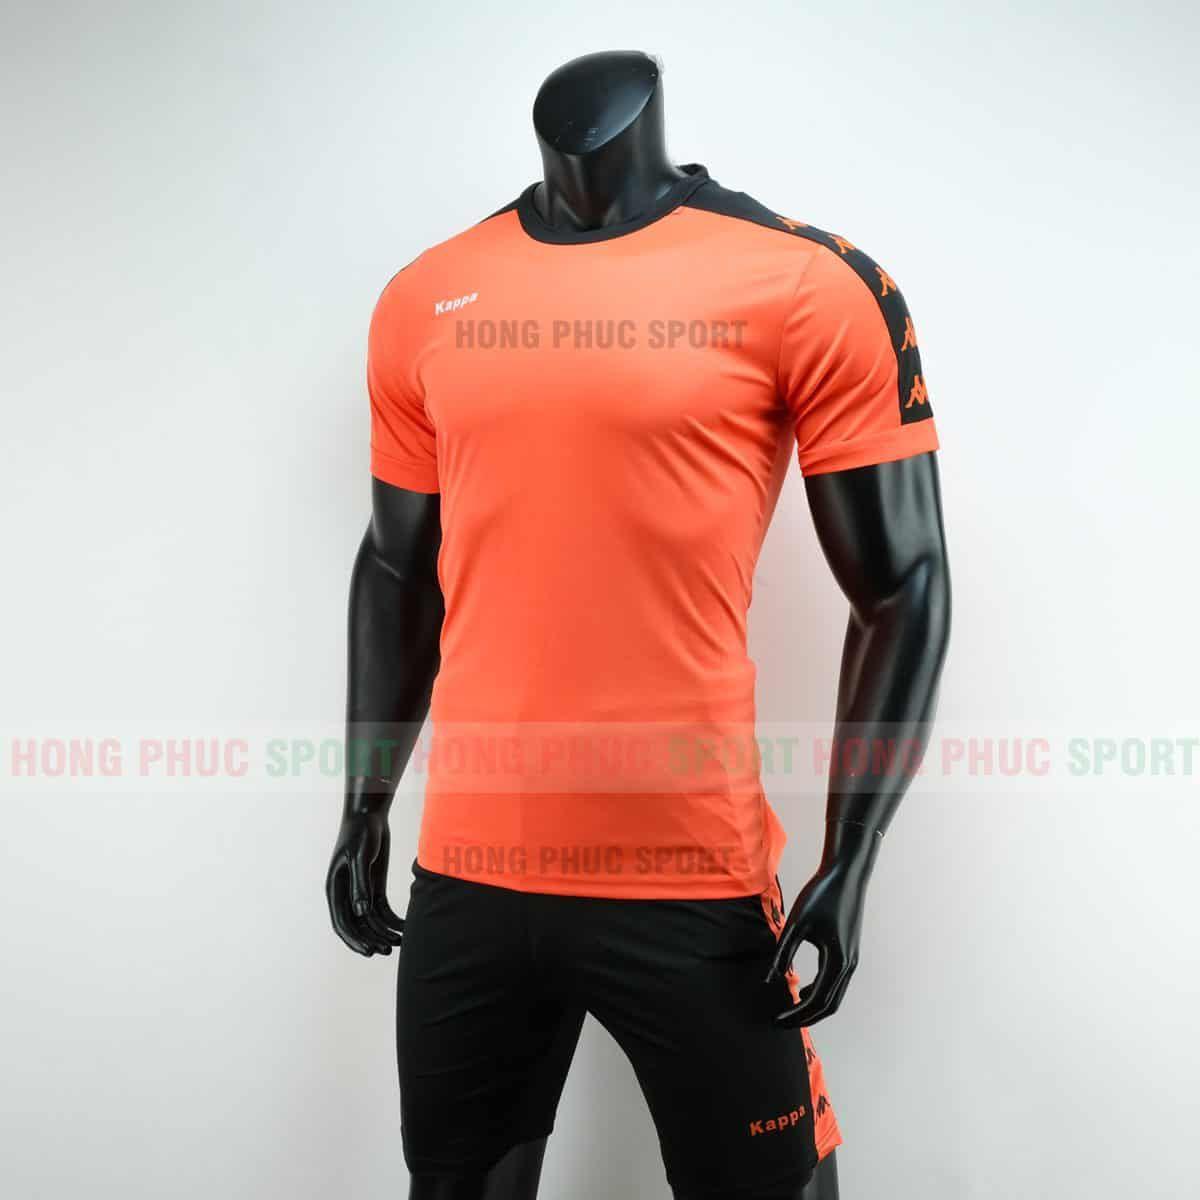 https://cdn.hongphucsport.com/unsafe/cdn.hongphucsport.com/dothethao.net.vn/wp-content/uploads/2019/08/ao-da-bong-kappa-mau-cam-khong-logo-2019-2020-4.jpg